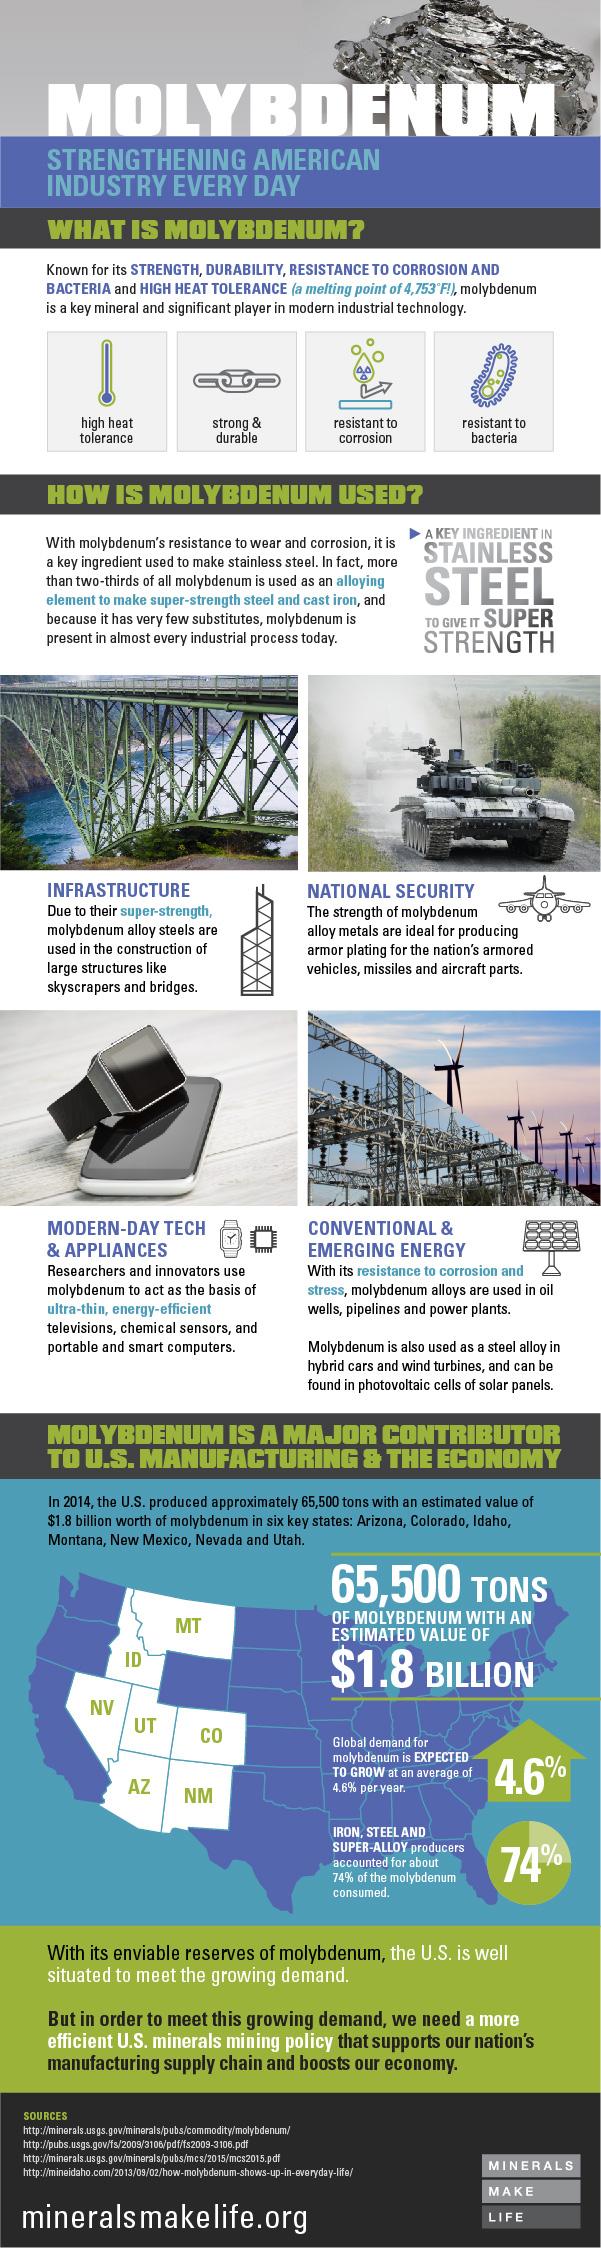 molybdenum-infographic